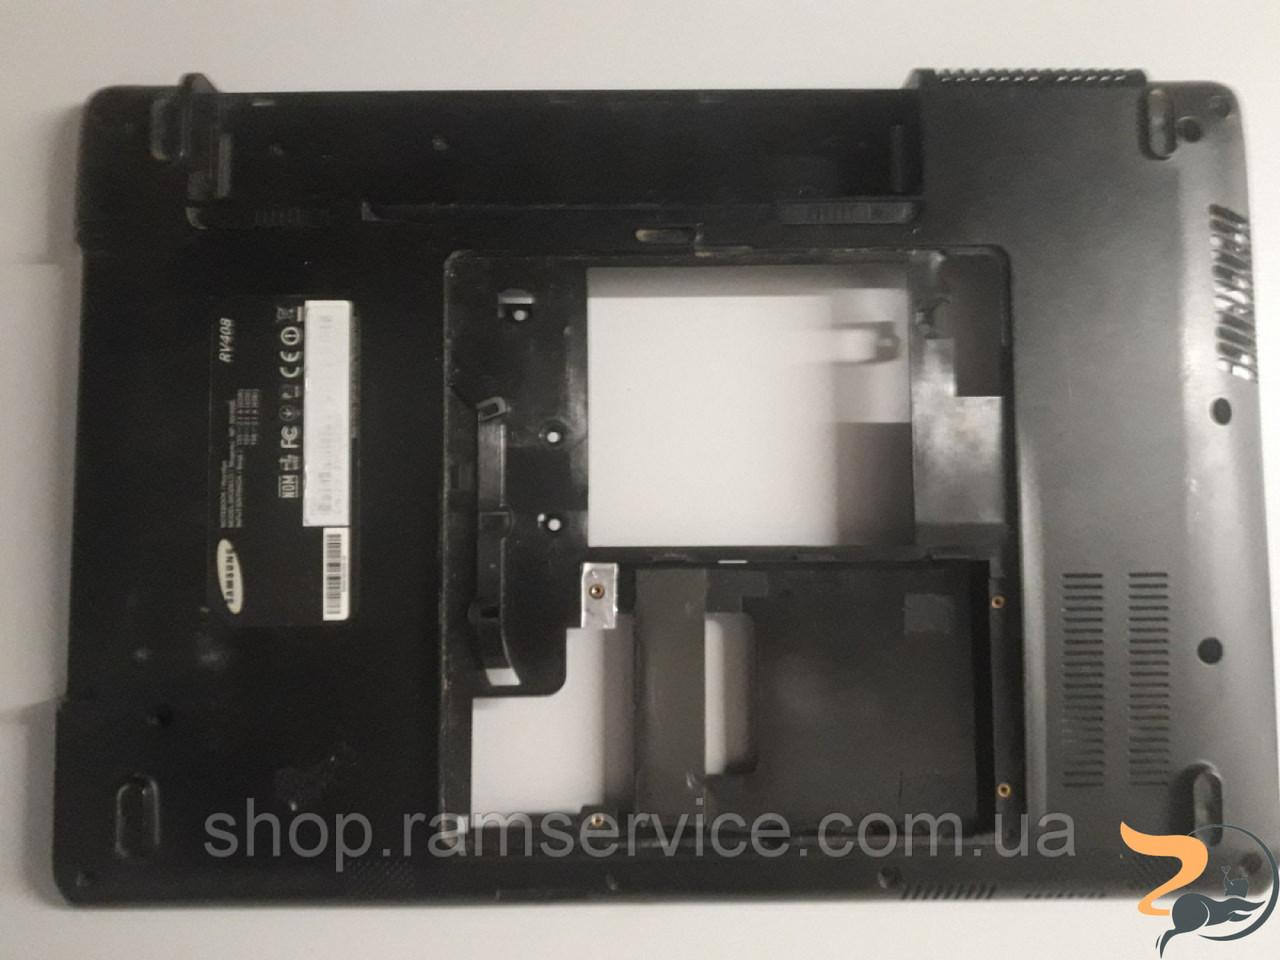 Нижня частина корпуса для ноутбука Samsung RC408, NP-RV408L, б/в